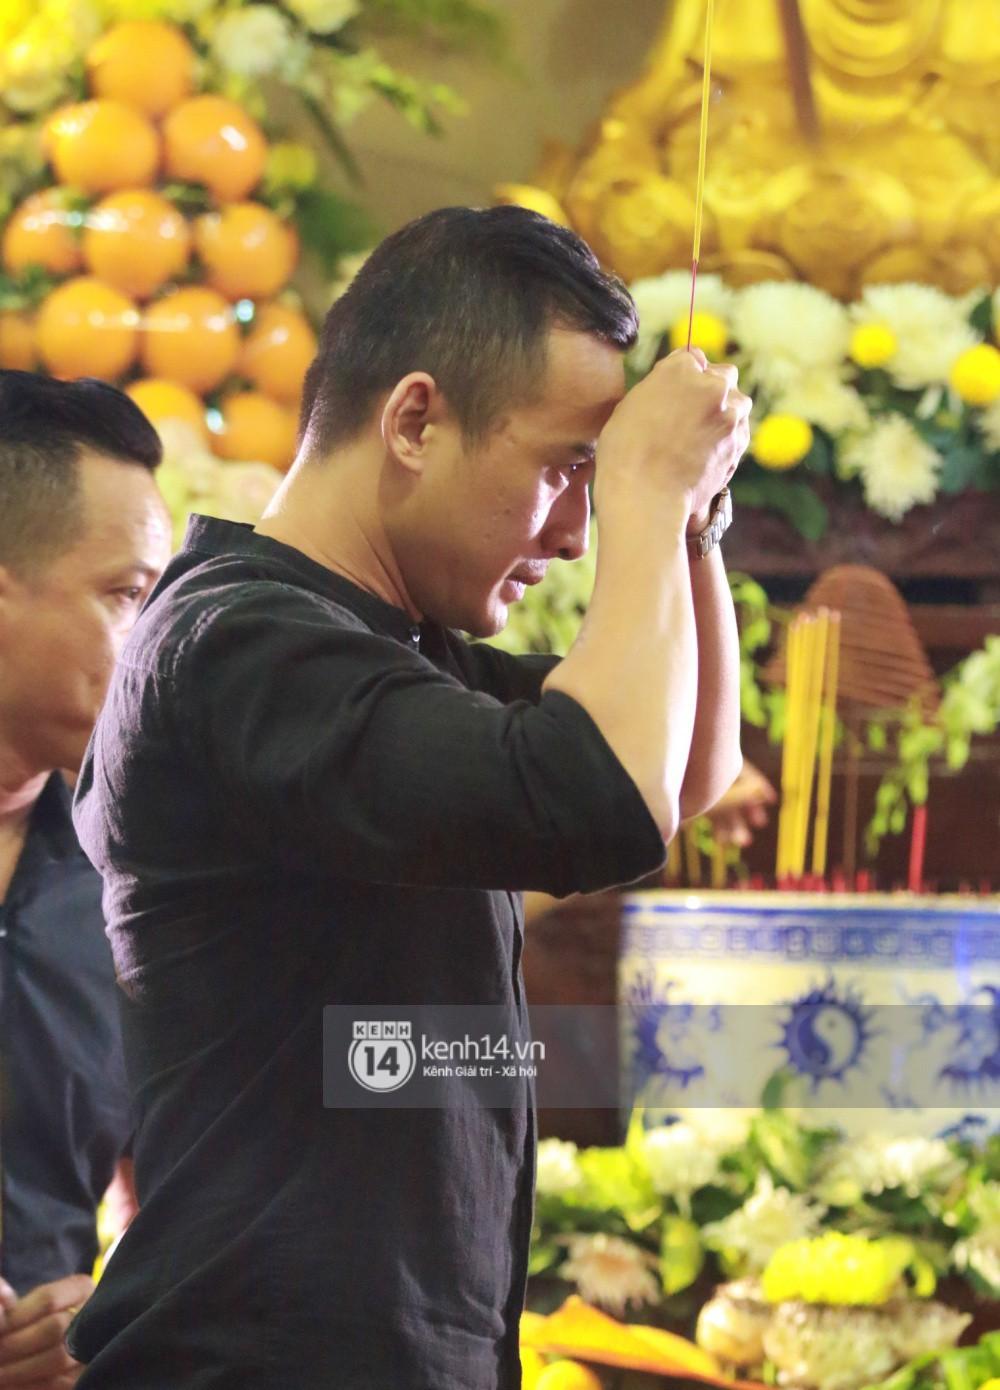 Đêm cuối cùng đám tang cố diễn viên Anh Vũ: Nghệ sĩ lặng người, không giấu được xúc động trước linh cữu-14